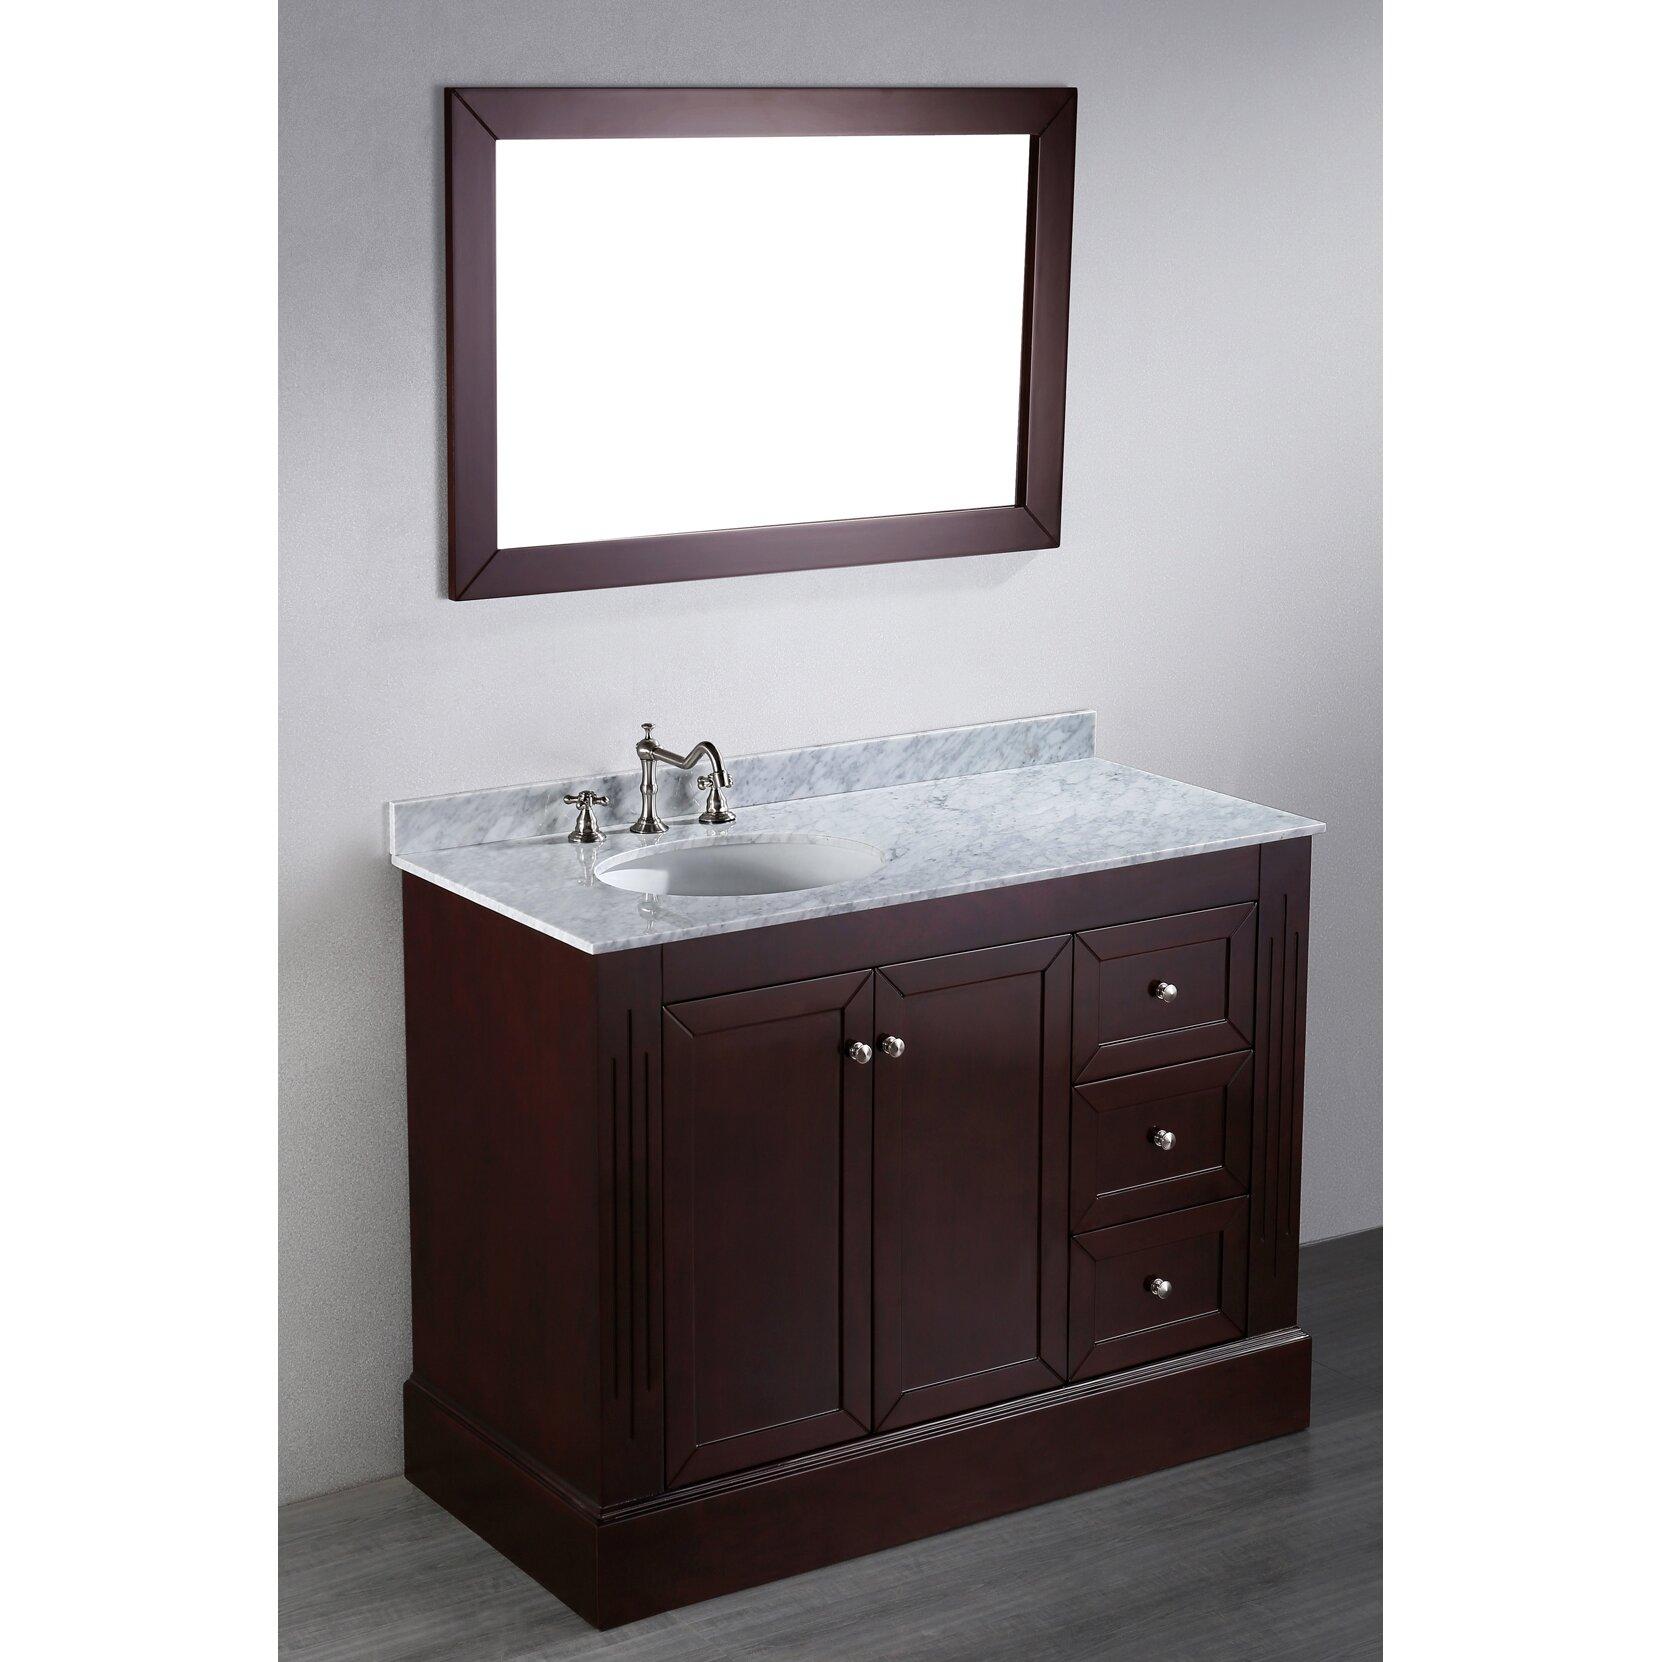 Bosconi contemporary 45 single bathroom vanity set with for Bathroom mirror set